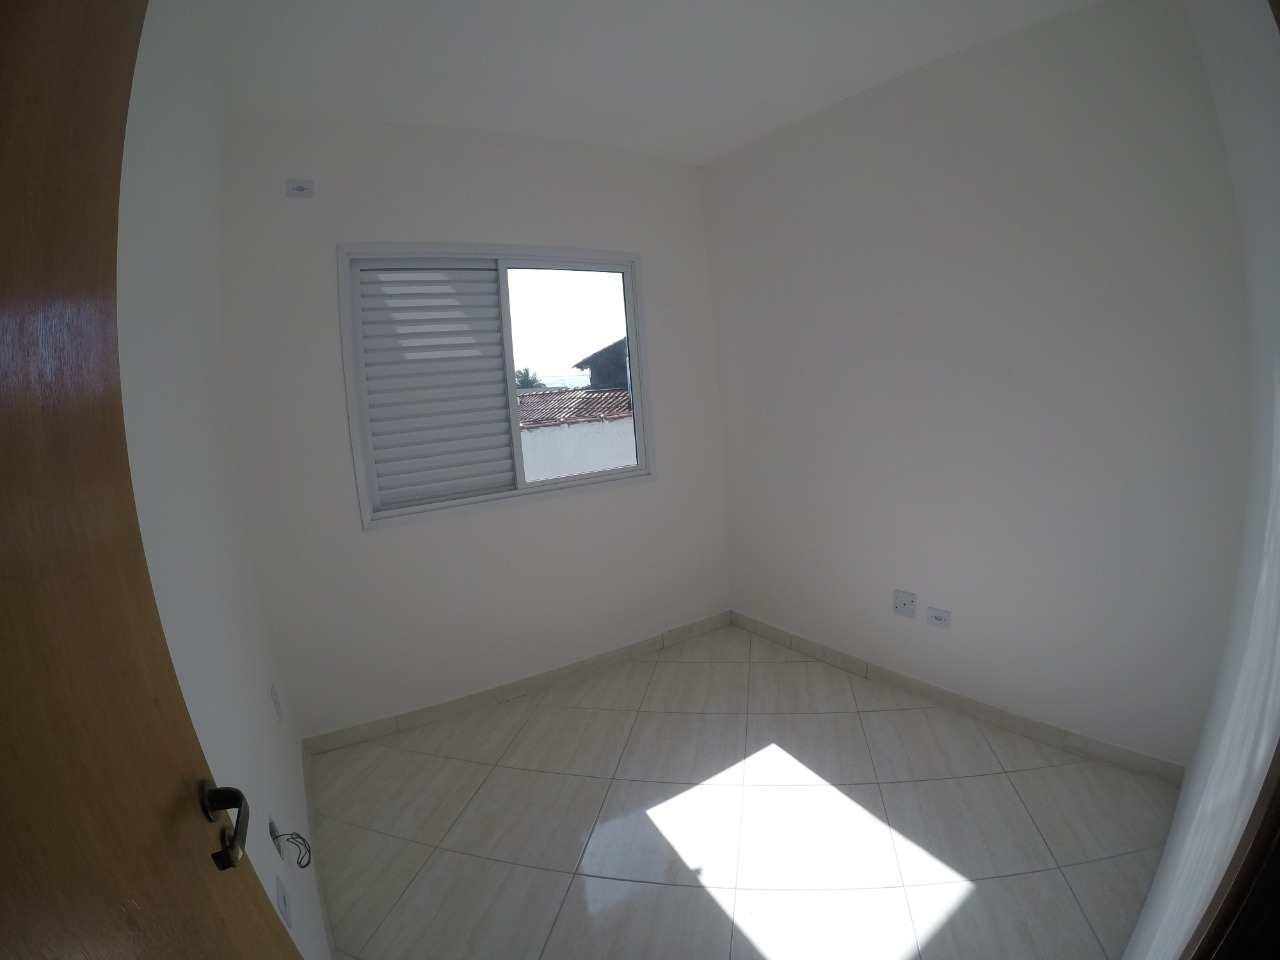 Sobrado de Condomínio com 2 dorms, Tupi, Praia Grande - R$ 215 mil, Cod: 5439